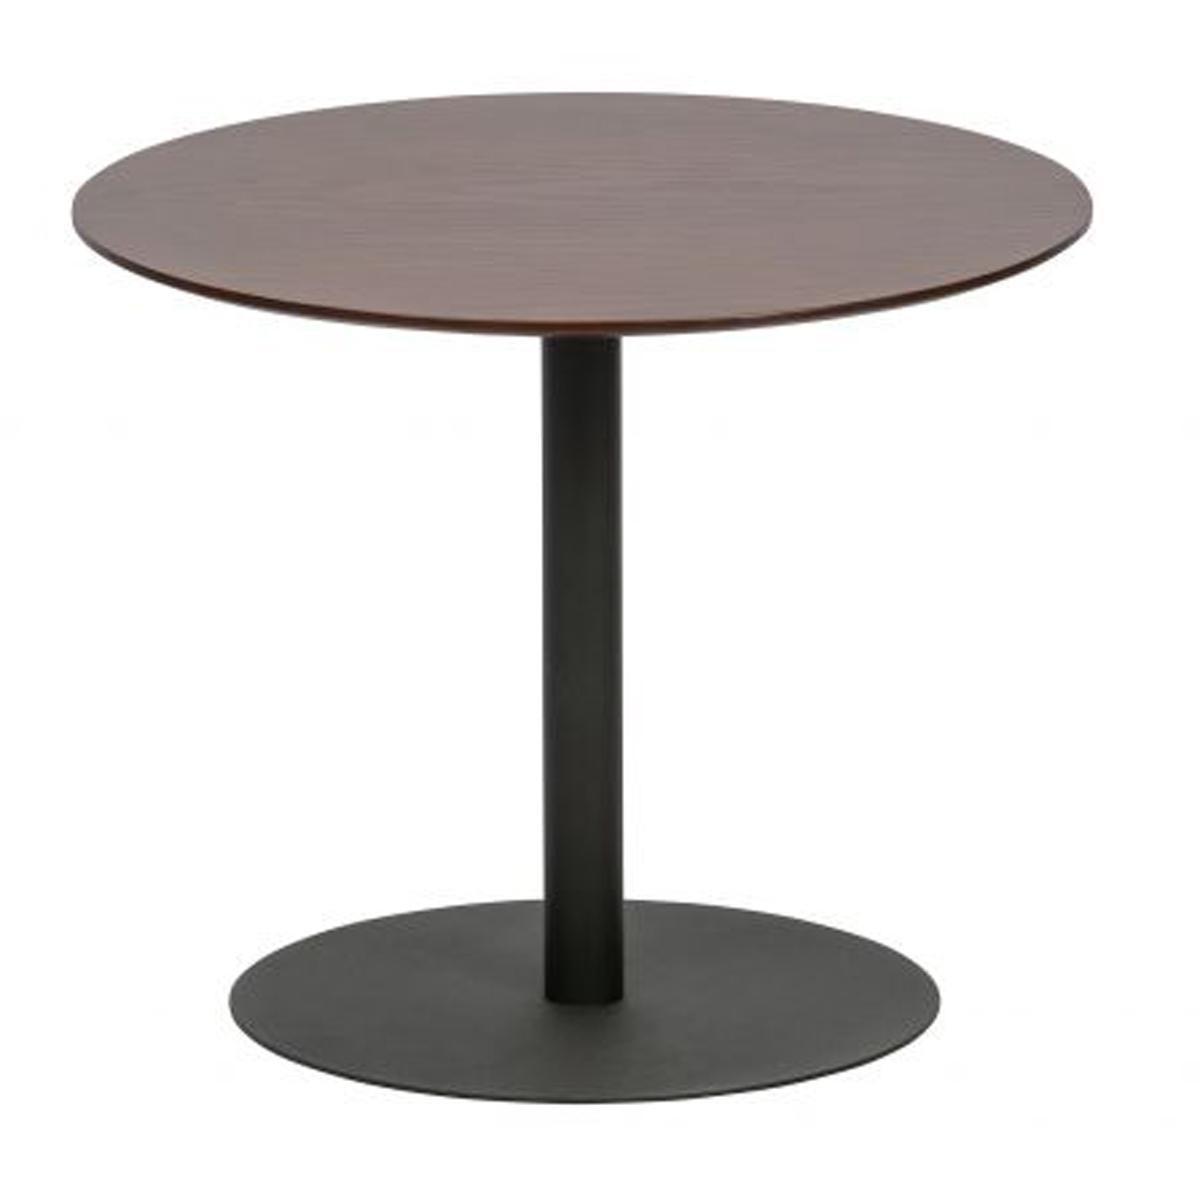 Pegane Table d'appoint en bois et métal coloris noyer - H.40 x L.48 x P.48 cm -PEGANE-